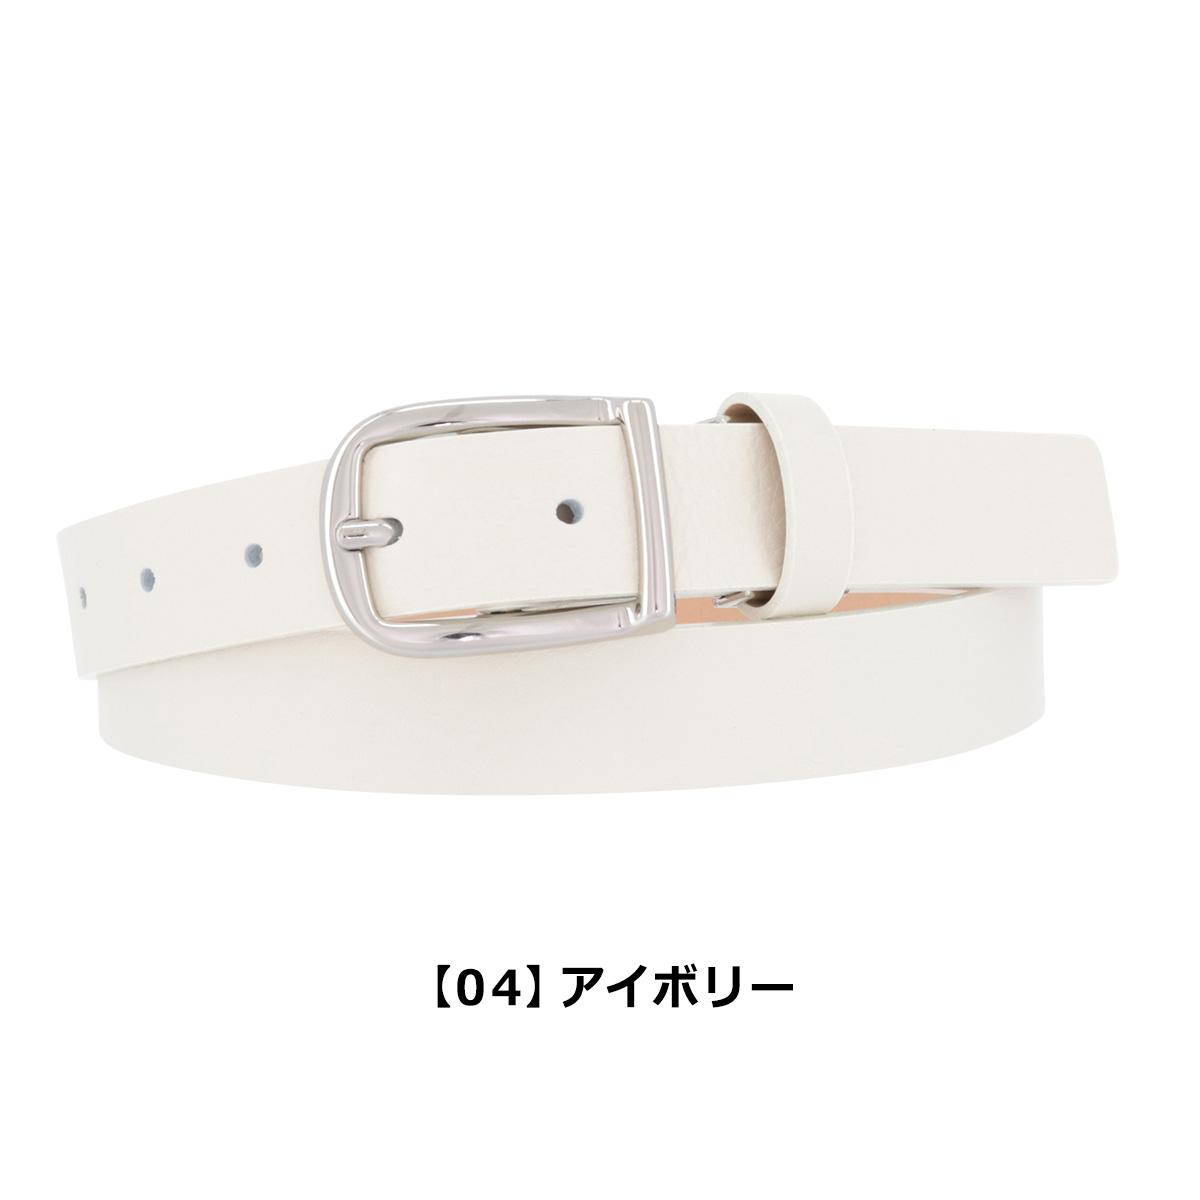 【04】アイボリー